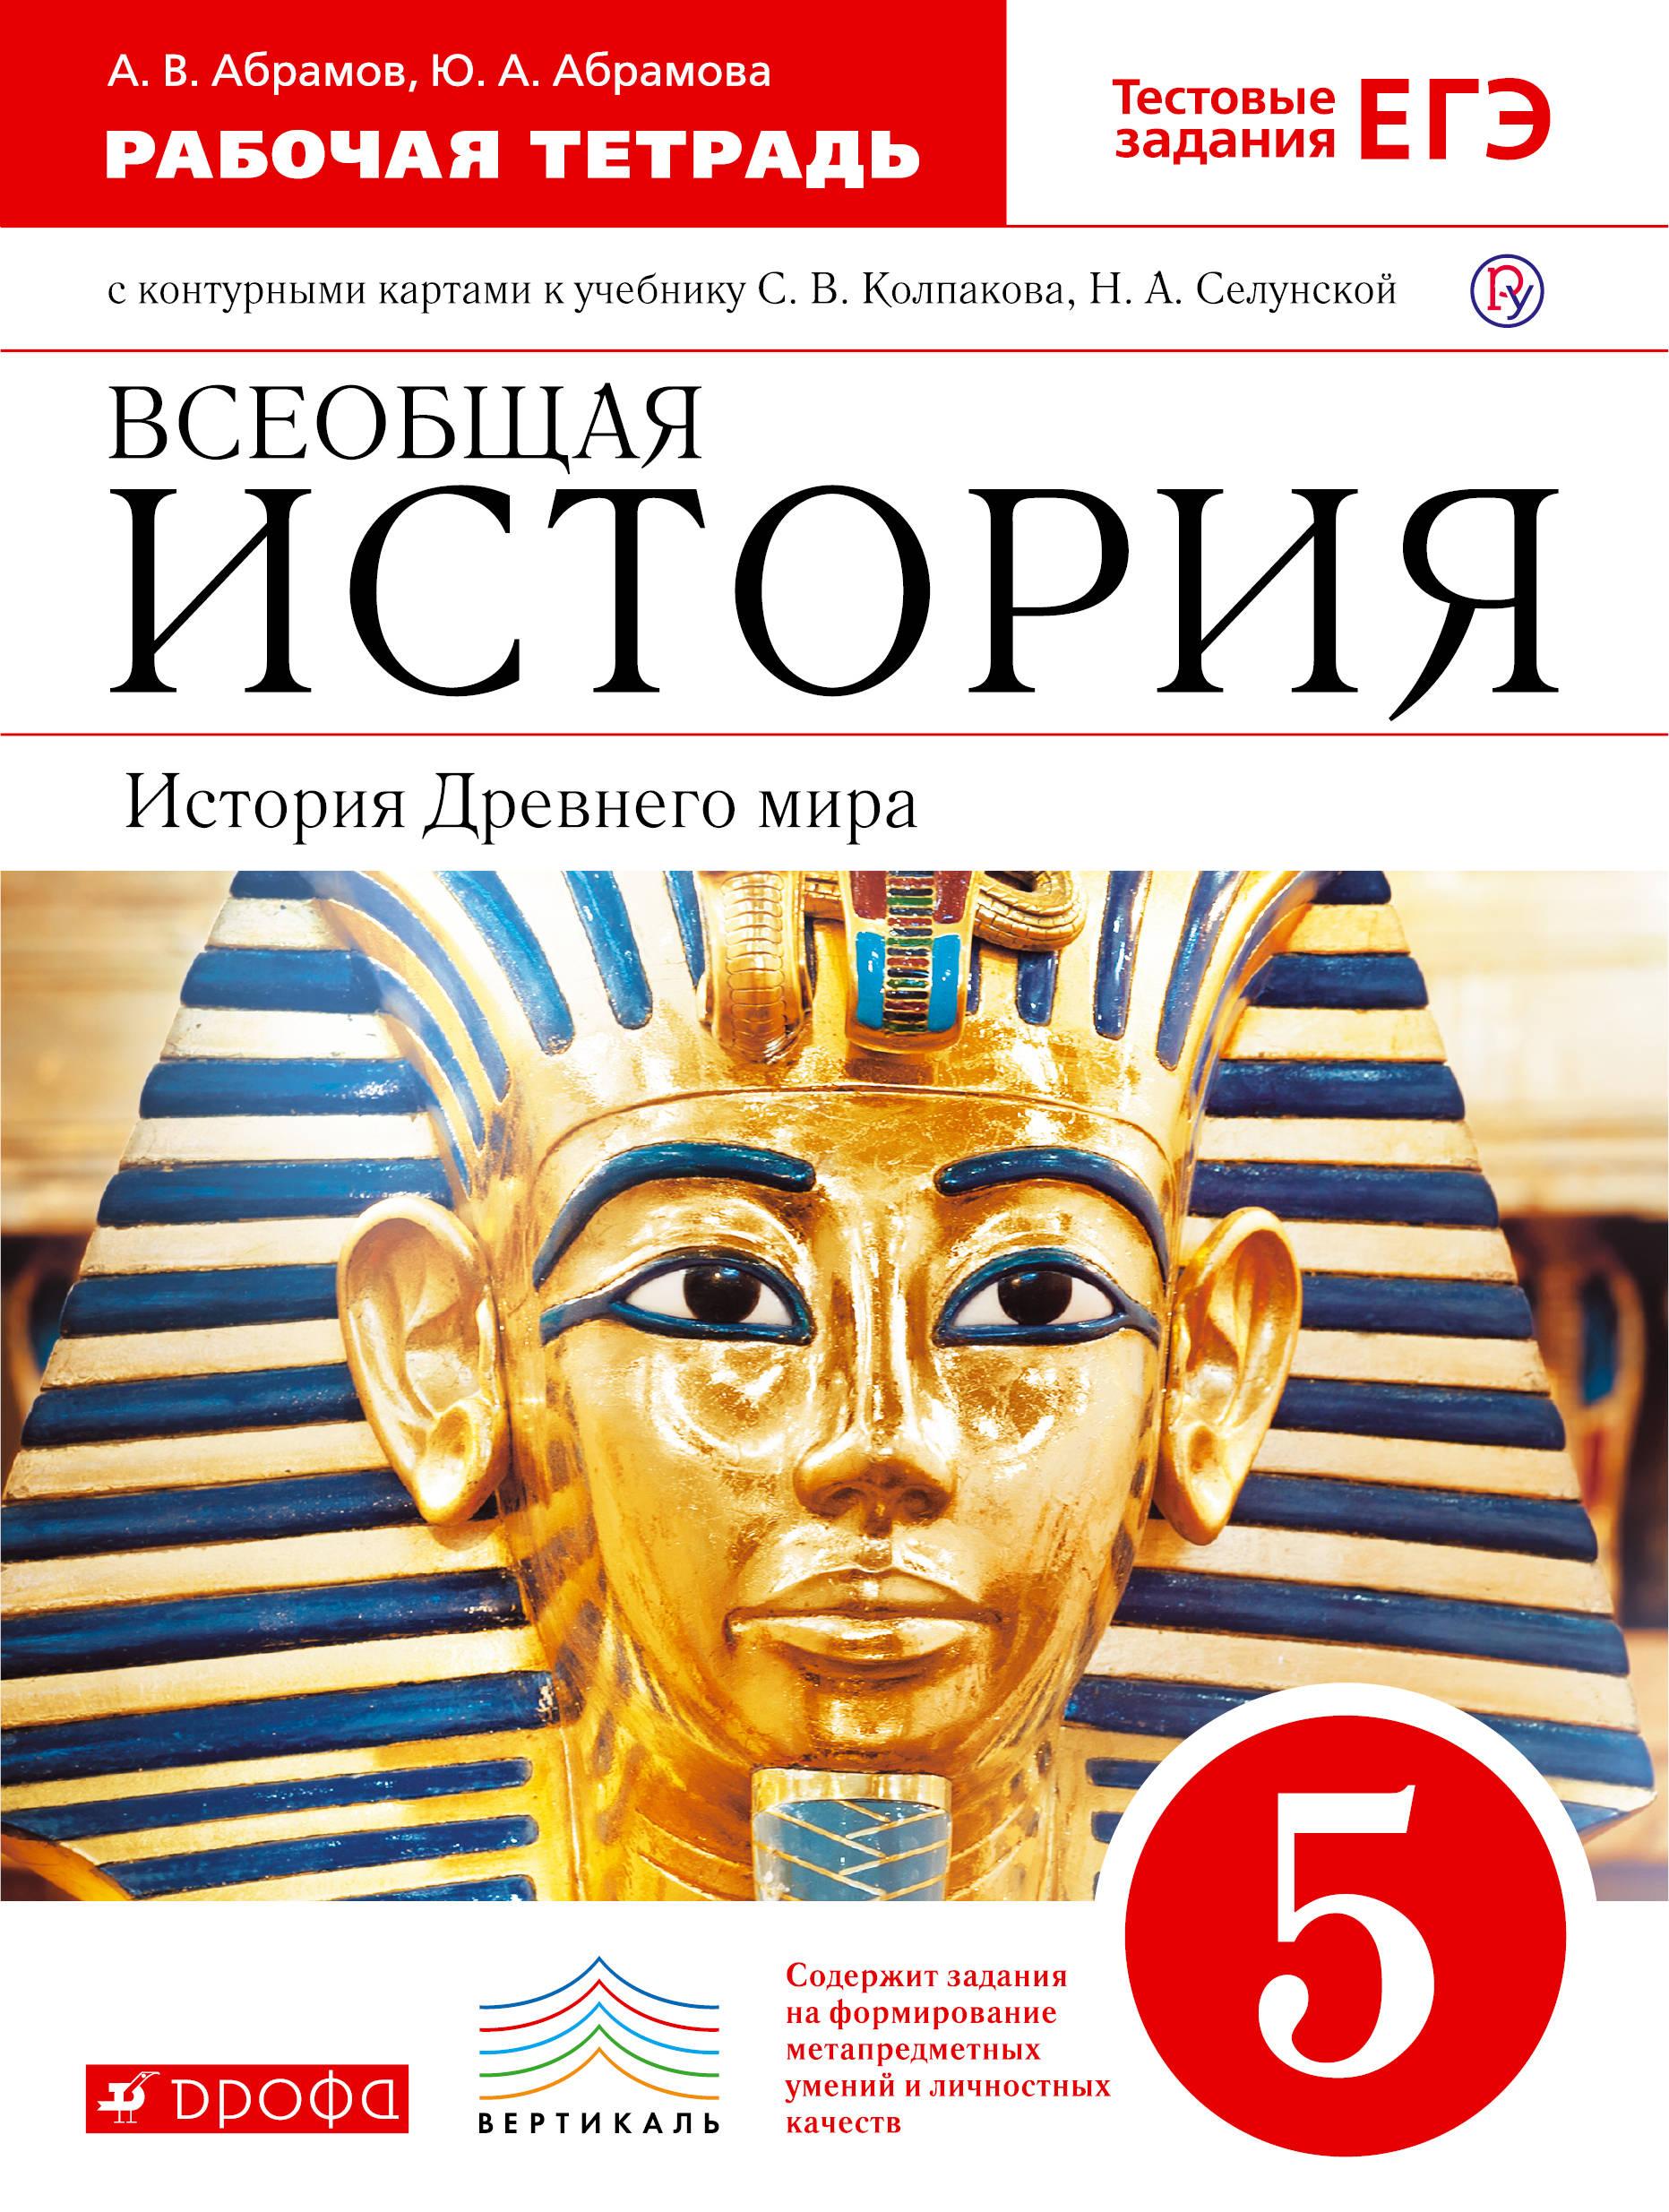 Тестовые задания по истории древнего мира колпакова селунской 5 класс